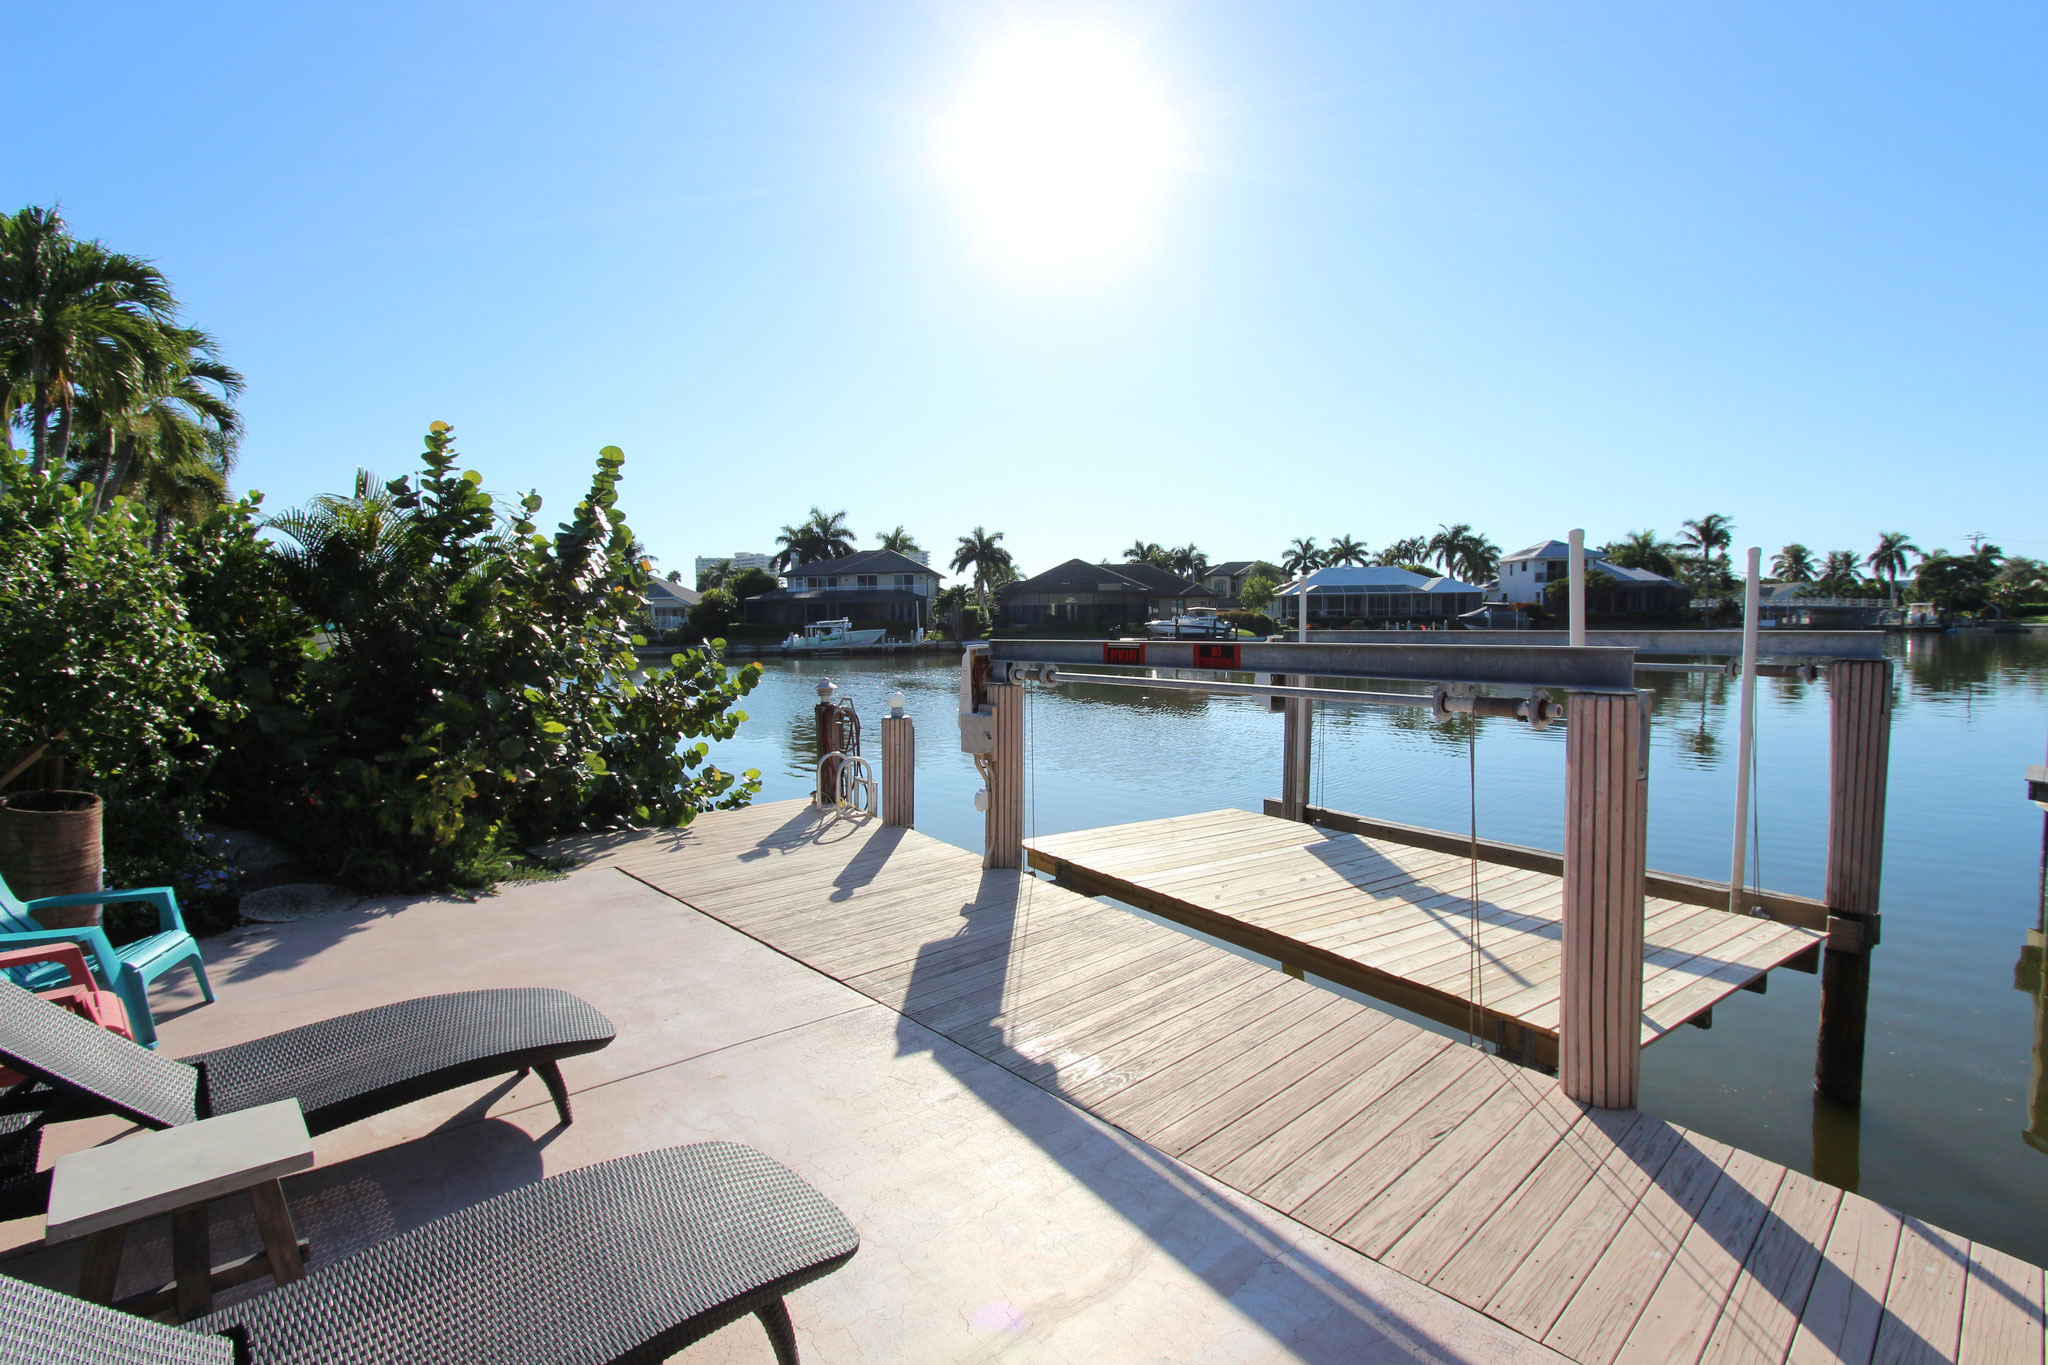 Unser Ferienhaus auf Marco Island / Bootsdeck